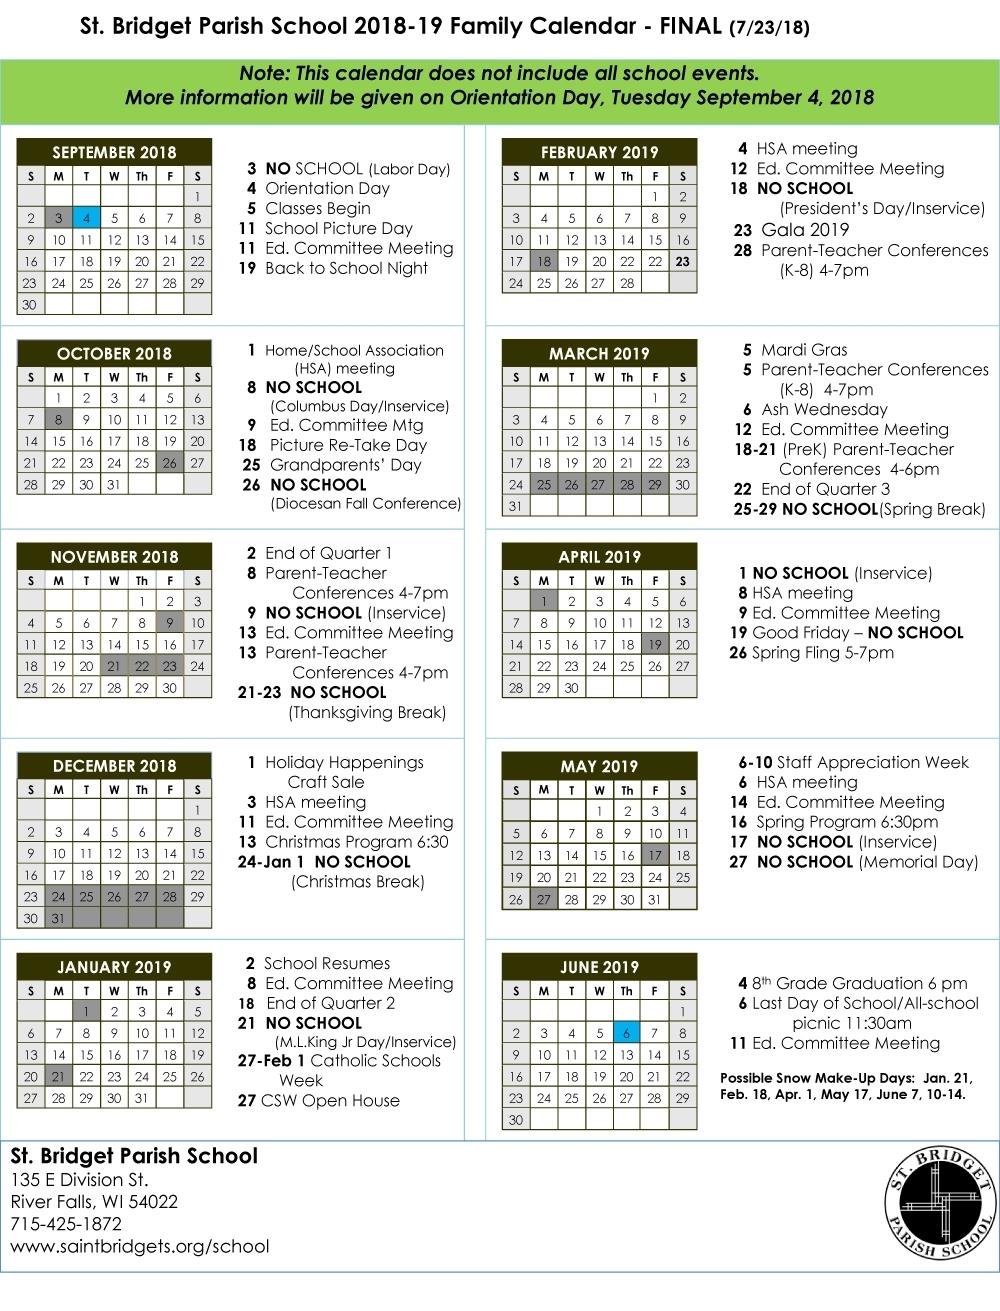 Catholic Liturgical Calendar 2020 Pdf - Calendar Inspiration with regard to 2020 Catholic Liturgical Calendar Pdf